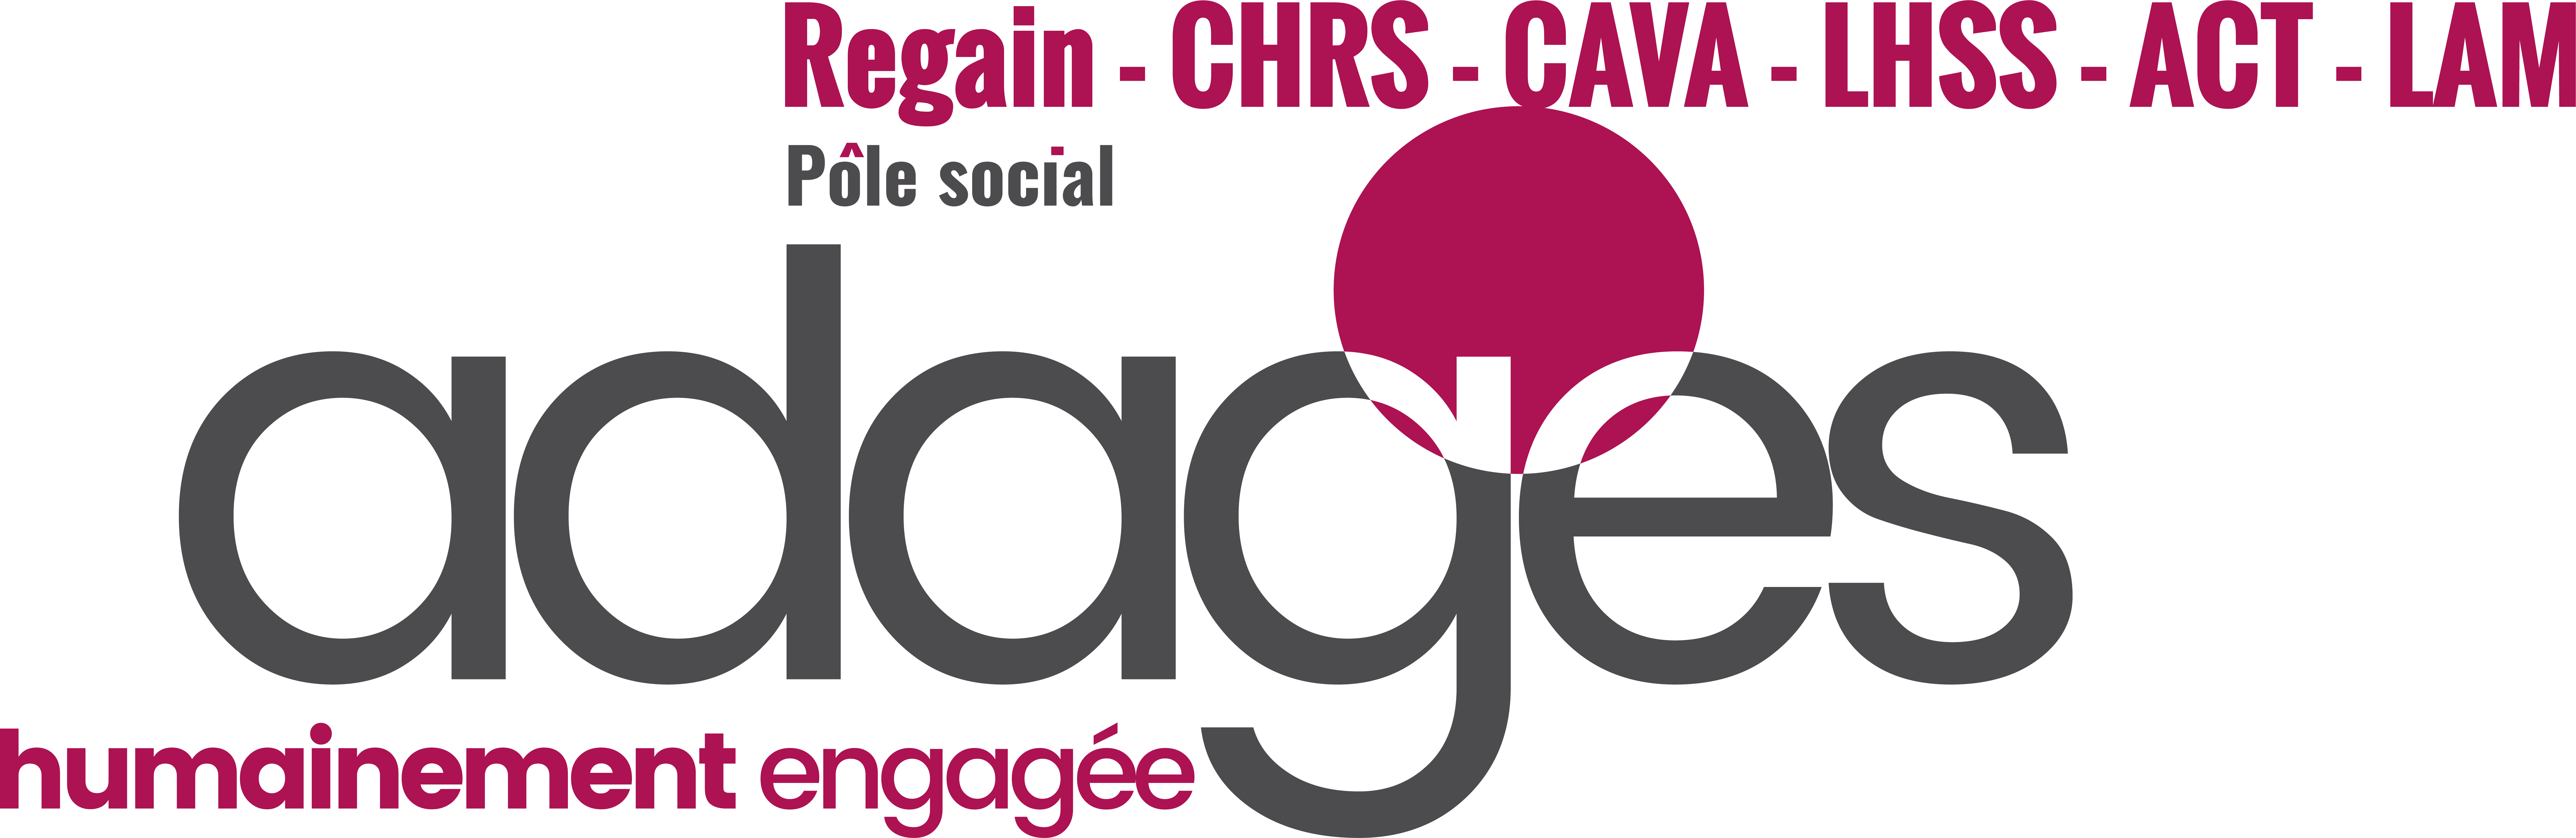 Adages | Regain CHRS CAVA LHSS ACT LAM Santé Globale